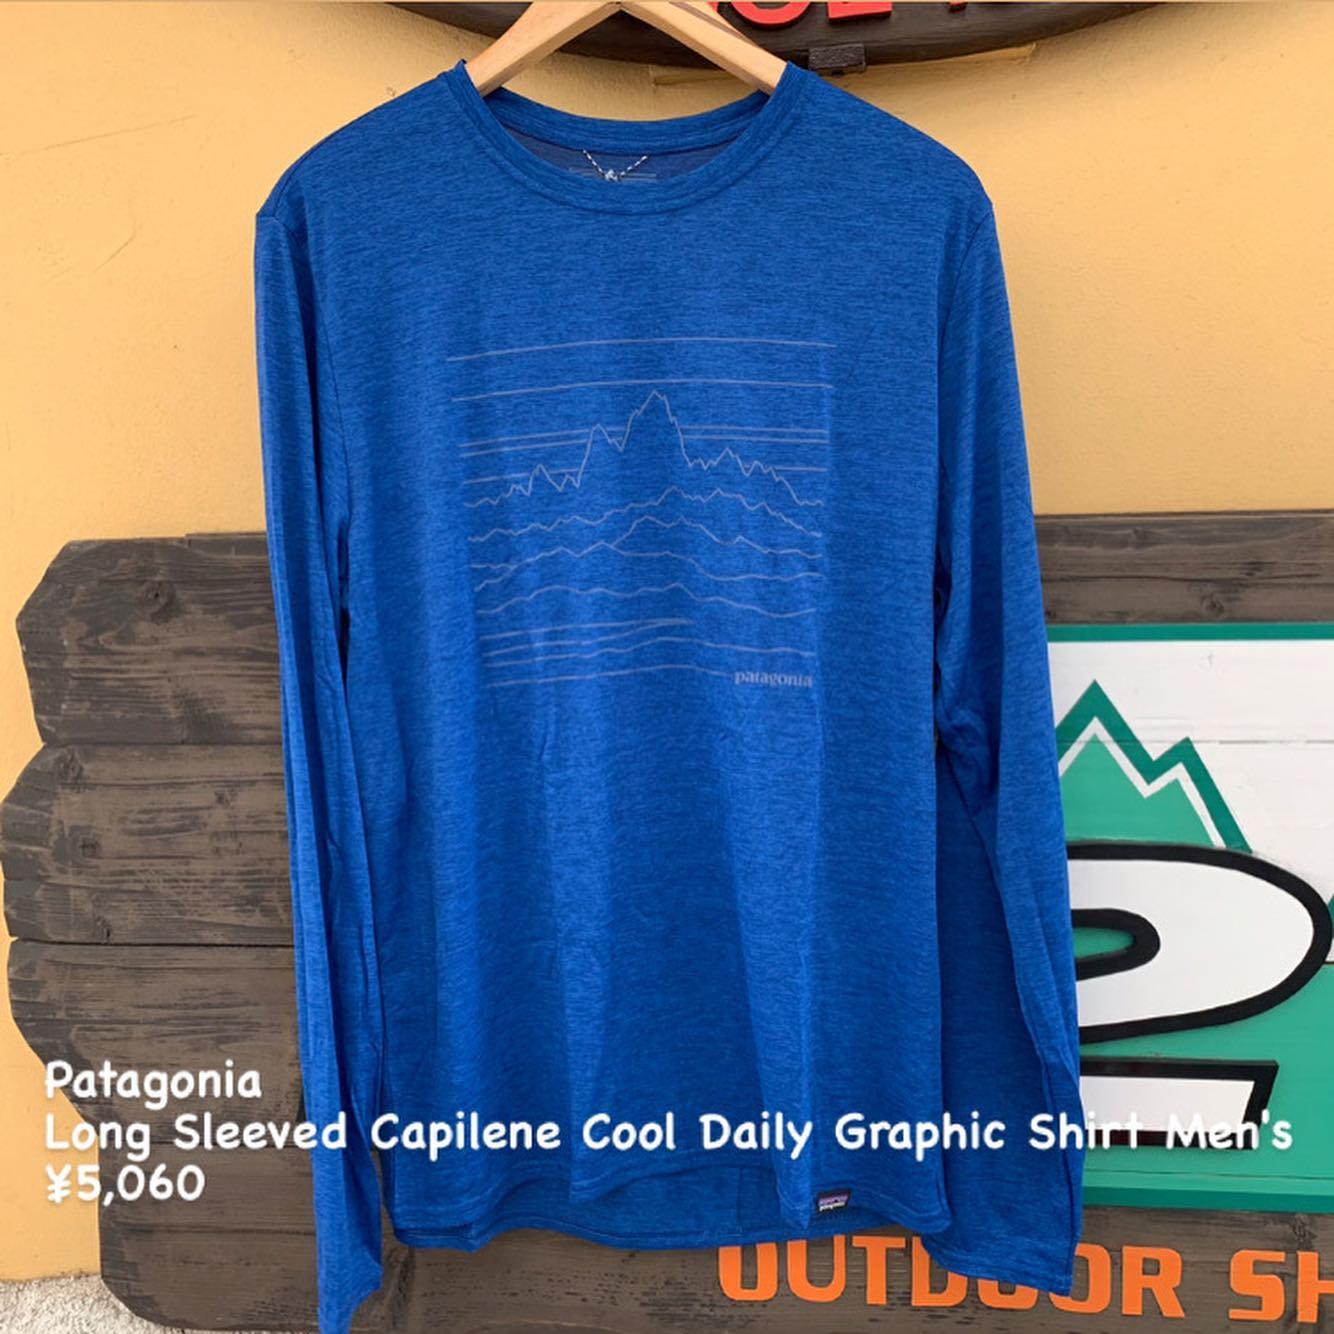 パタゴニア新着製品『ロングスリーブ キャプリーン クール デイリー グラフィック シャツ 』のご紹介